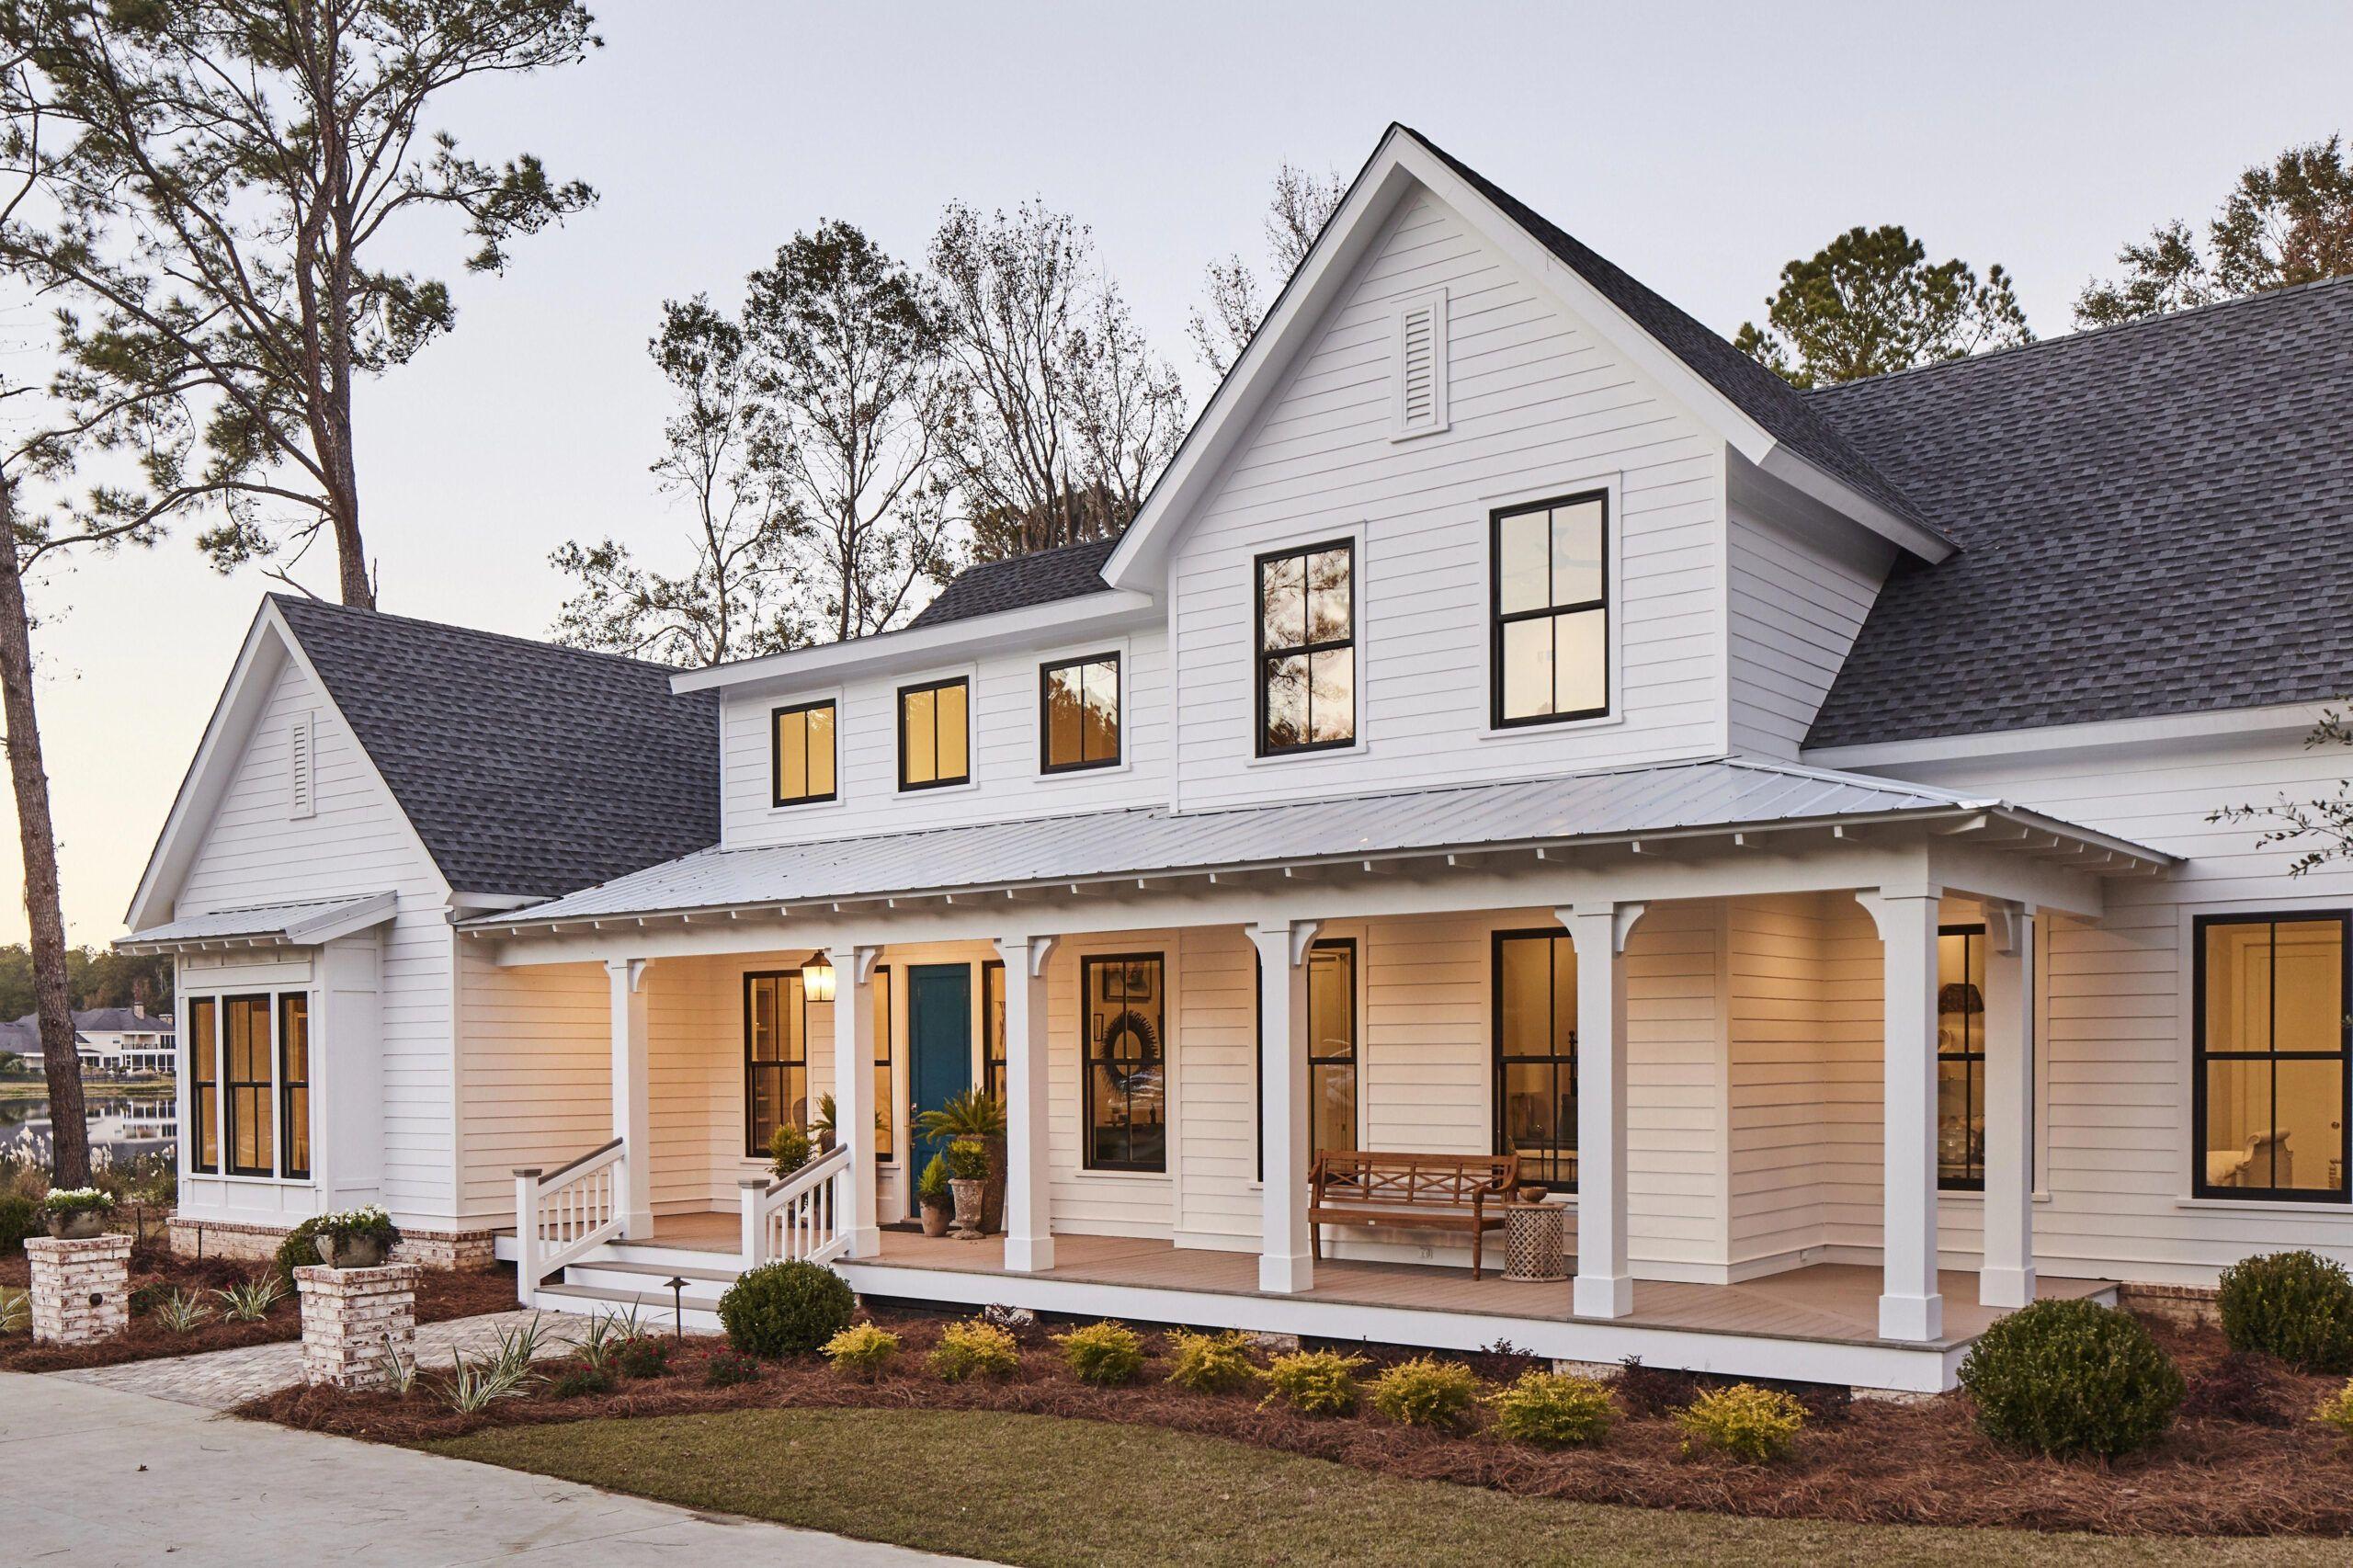 Southern Farmhouse Floor Plans Southern House Plans Porch House Plans Southern Living House Plans Farmhouse